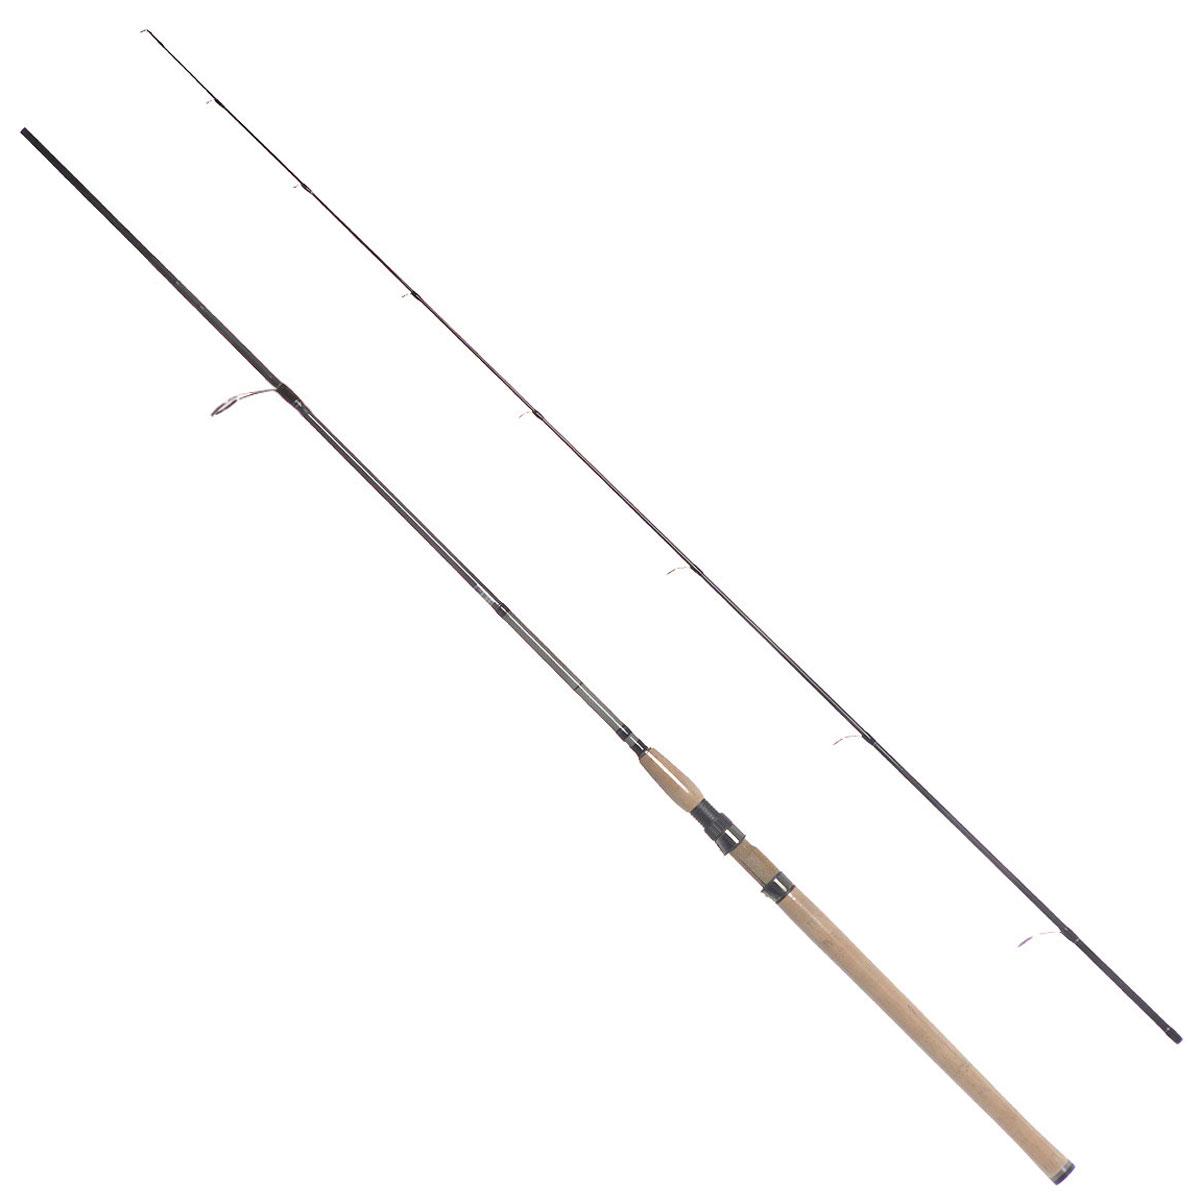 Спиннинг штекерный Daiwa Procyon, 2,40 м, 5-21 г